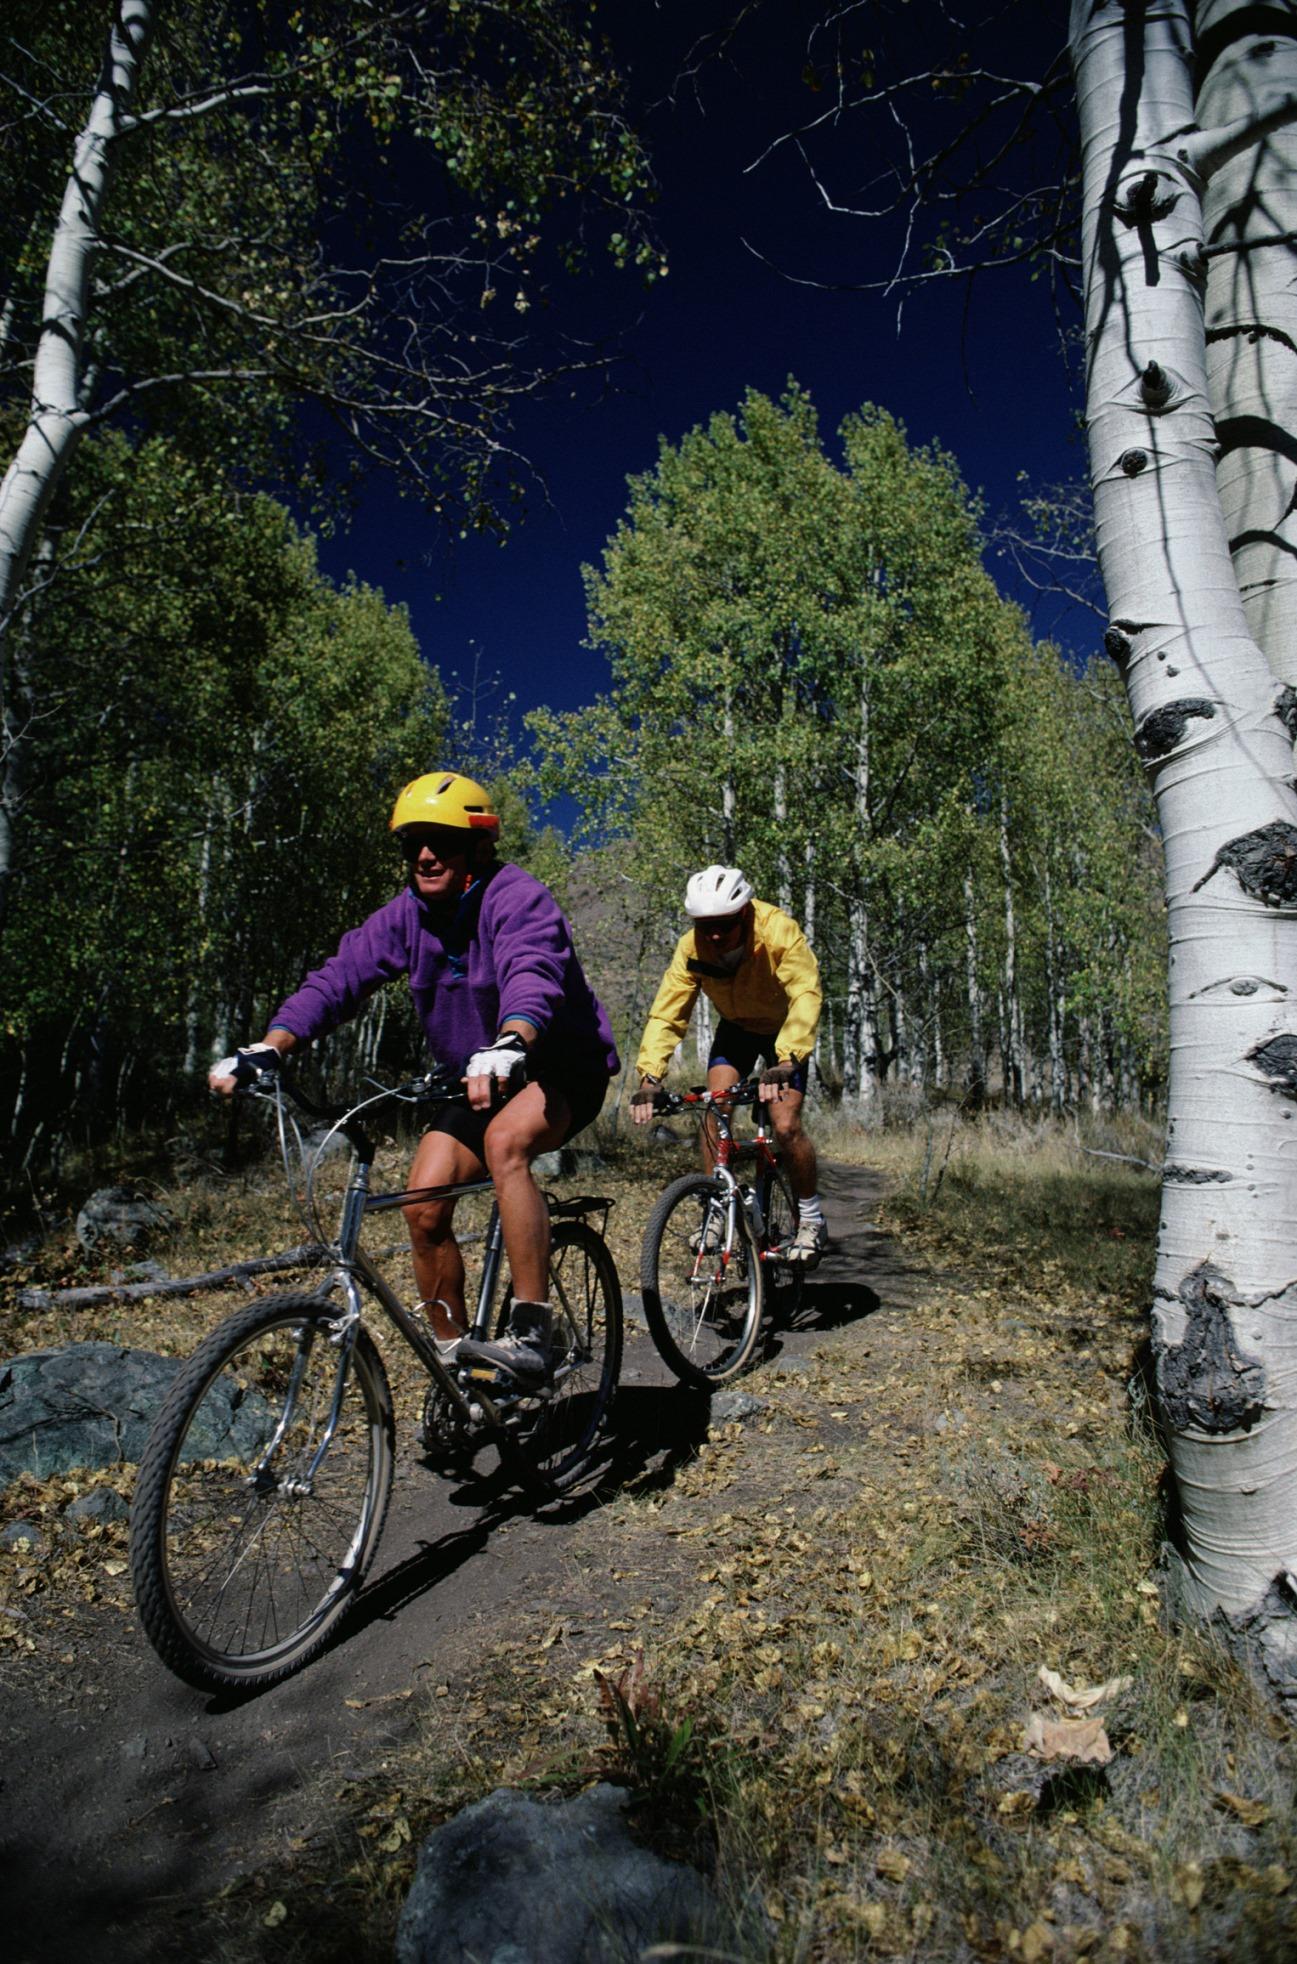 Biken im Wald...